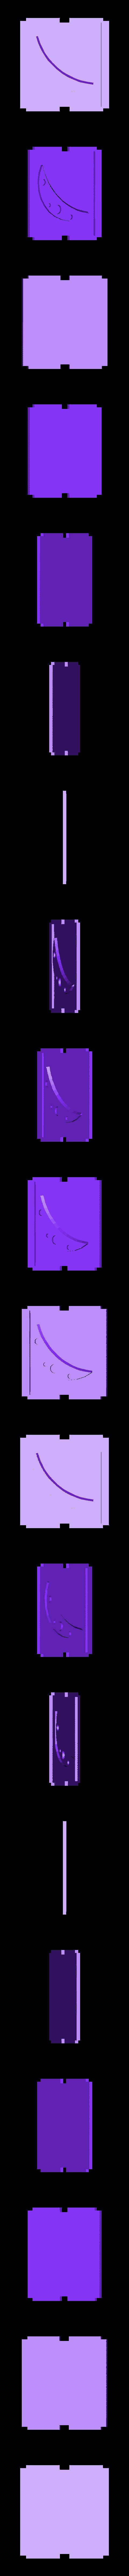 bbNLWpane.stl Télécharger fichier STL gratuit badBrick - Lumière nocturne à détection de mouvement, kit complet de coque 3D. • Plan à imprimer en 3D, Lassaalk